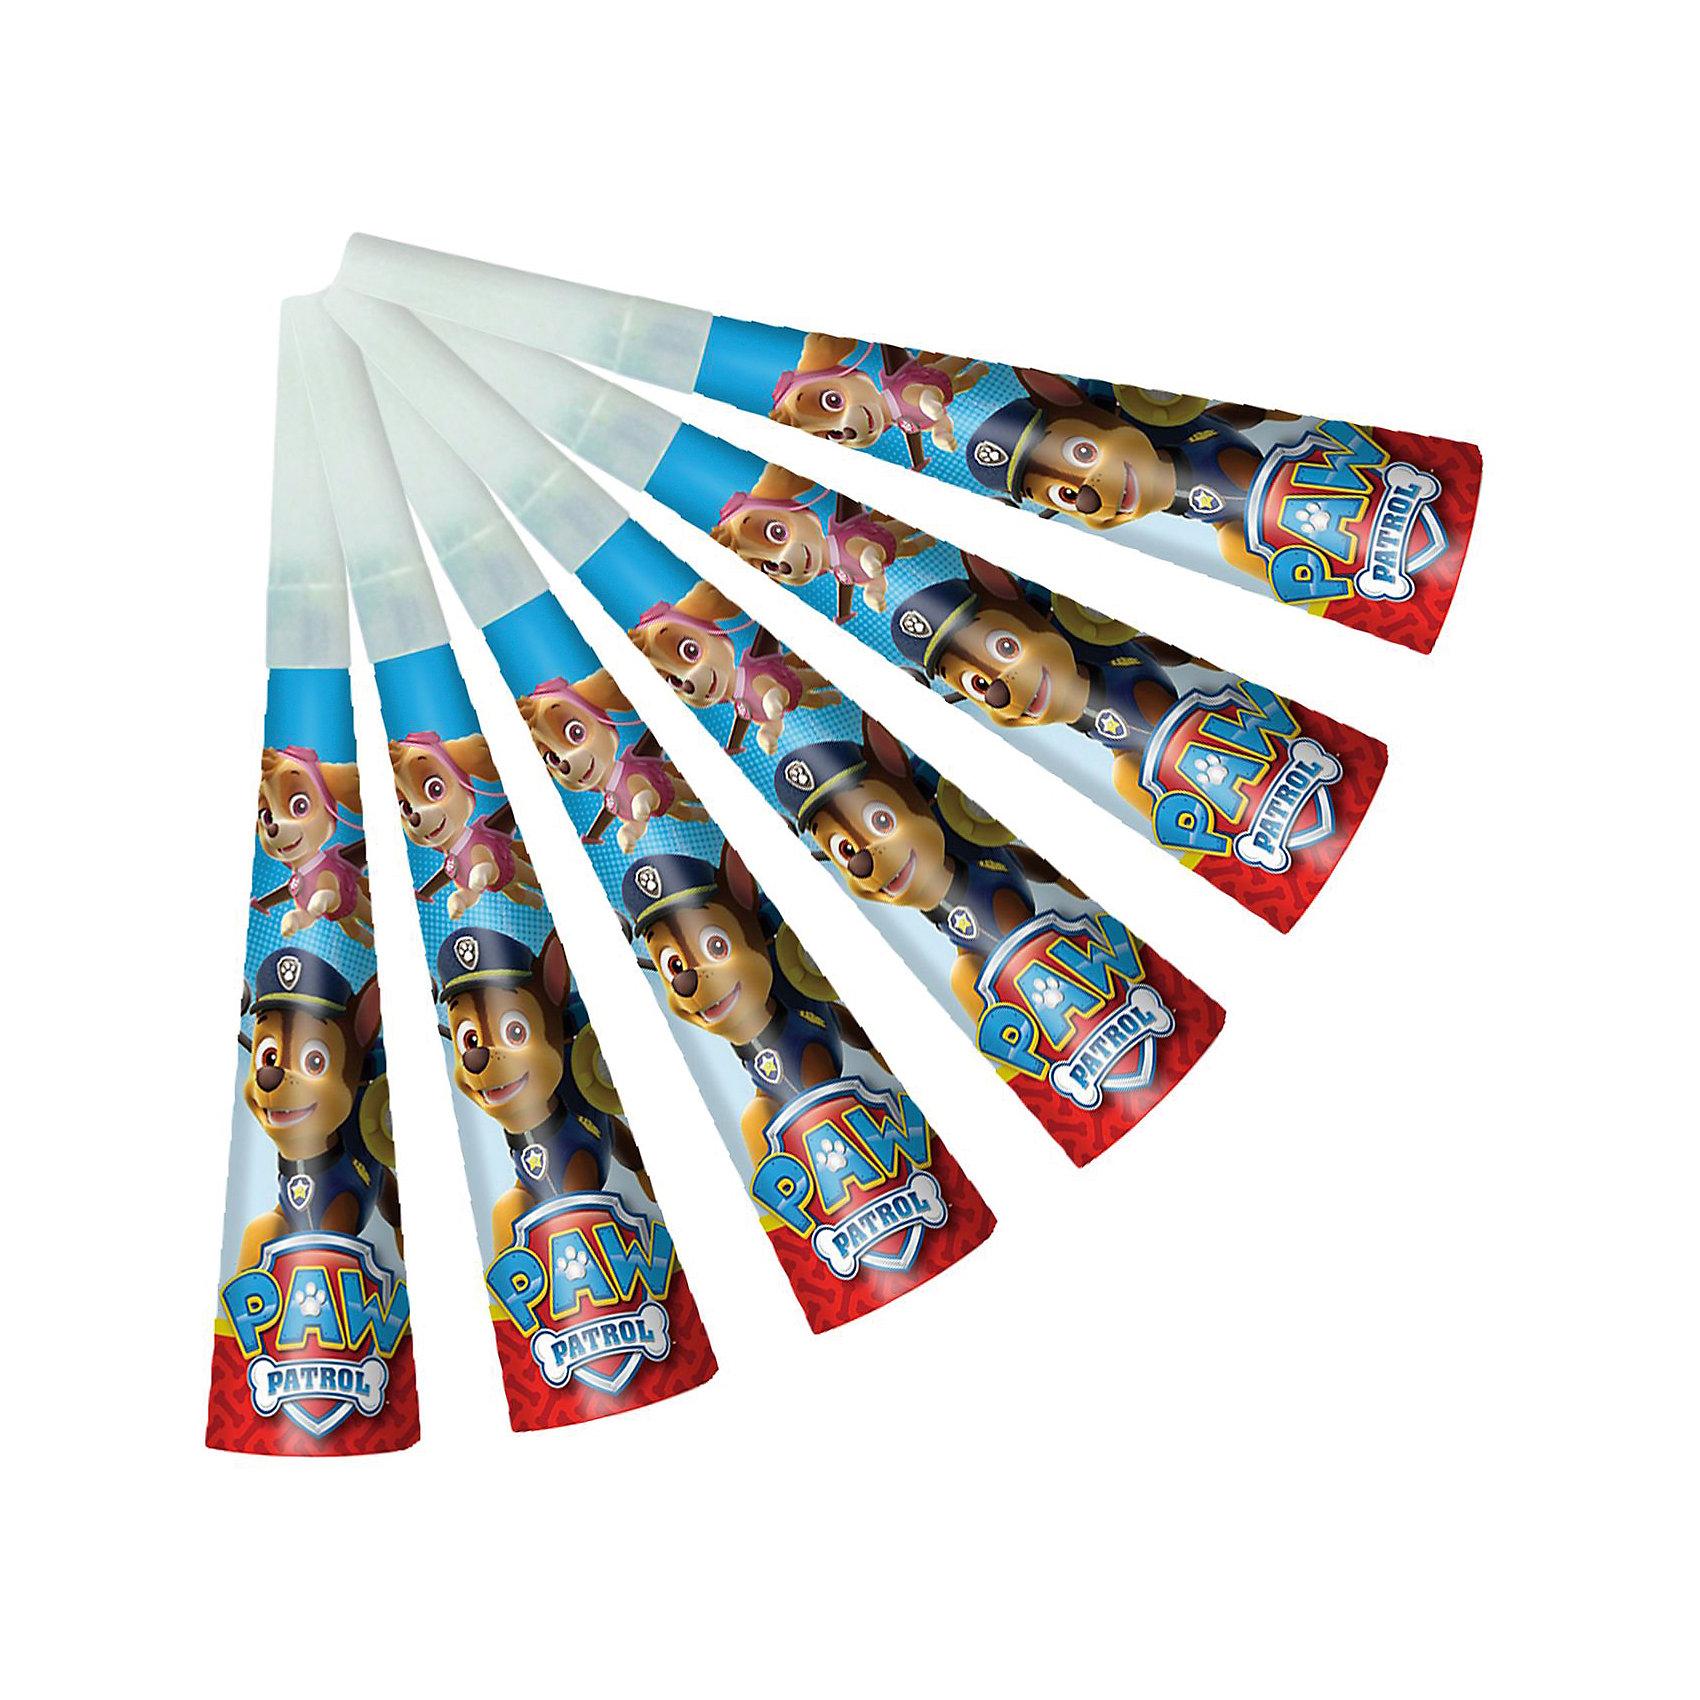 Дудочка 6 шт., Щенячий патрульВсё для праздника<br>Характеристики товара:<br><br>• комплектация: 6 шт<br>• состав: бумага<br>• яркий принт<br>• упаковка: пакет<br>• страна бренда: Россия<br>• страна изготовитель: Китай<br><br>Веселые бумажные дудочки с героями мультфильма Щенячий патруль развеселят ребятишек и помогут устроить множество увлекательных игр. В наборе Щенячий патруль 6 бумажных дудочек, декорированных ярким, привлекательным принтом. <br><br>Дудочки, 6 шт., Щенячий патруль, вы можете приобрести в нашем интернет-магазине.<br><br>Ширина мм: 220<br>Глубина мм: 140<br>Высота мм: 30<br>Вес г: 30<br>Возраст от месяцев: 36<br>Возраст до месяцев: 2147483647<br>Пол: Мужской<br>Возраст: Детский<br>SKU: 5453492